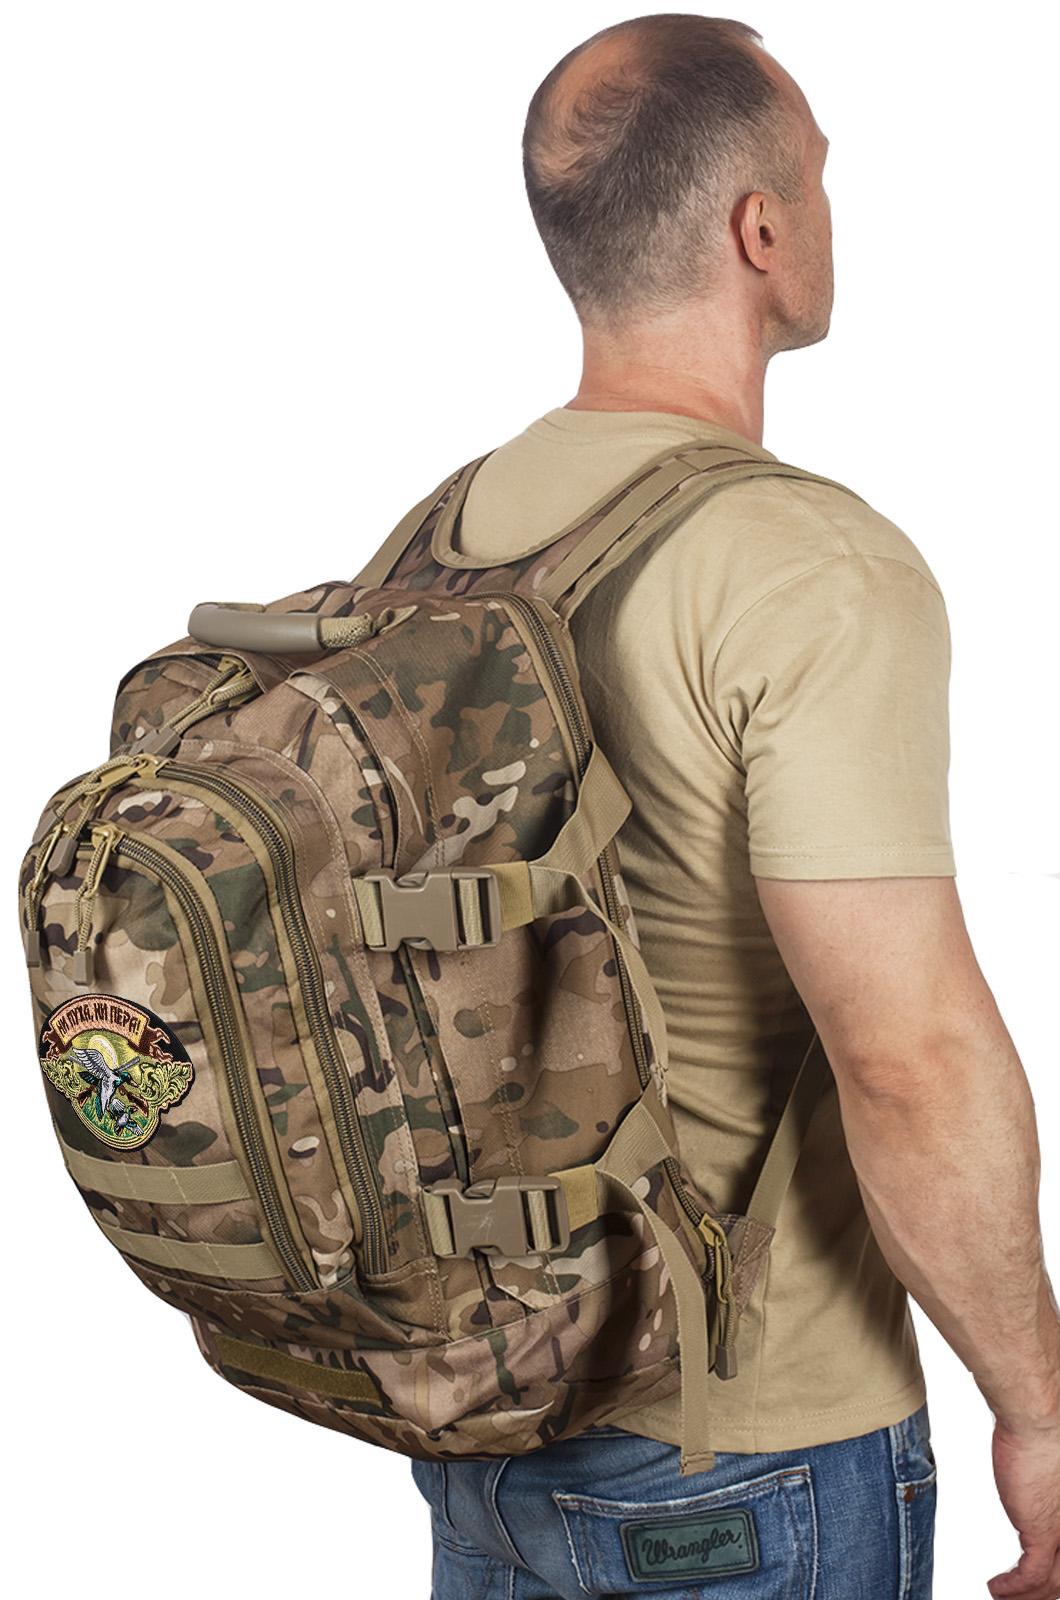 Охотничий рейдовый рюкзак с нашивкой Ни Пуха ни Пера - заказать с доставкой